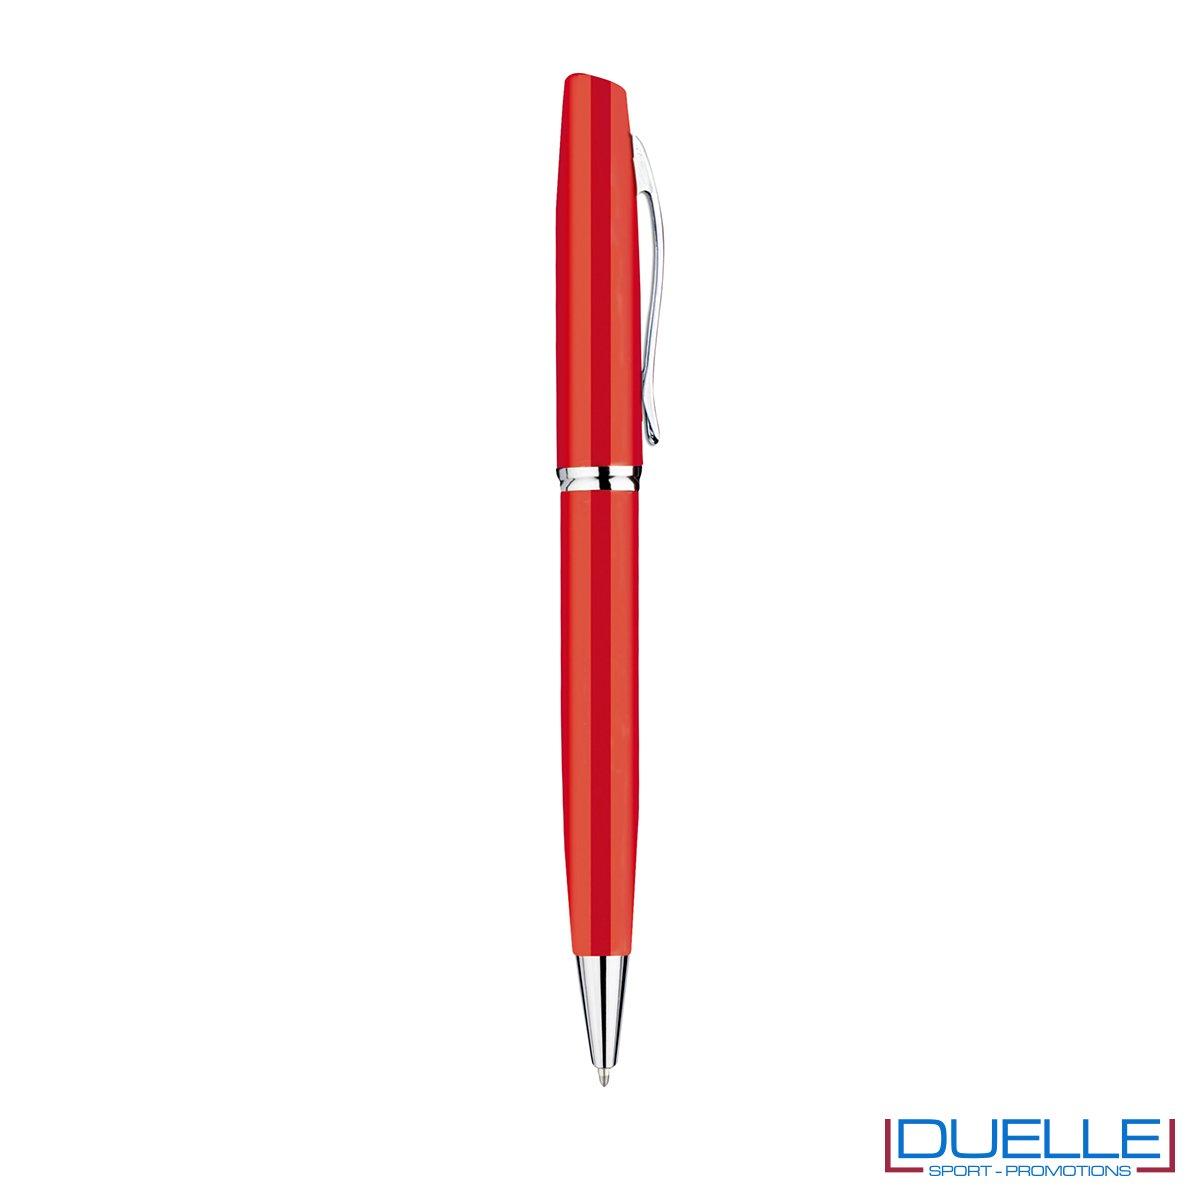 Penna a sfera in metallo personalizzata con incisione colore rosso